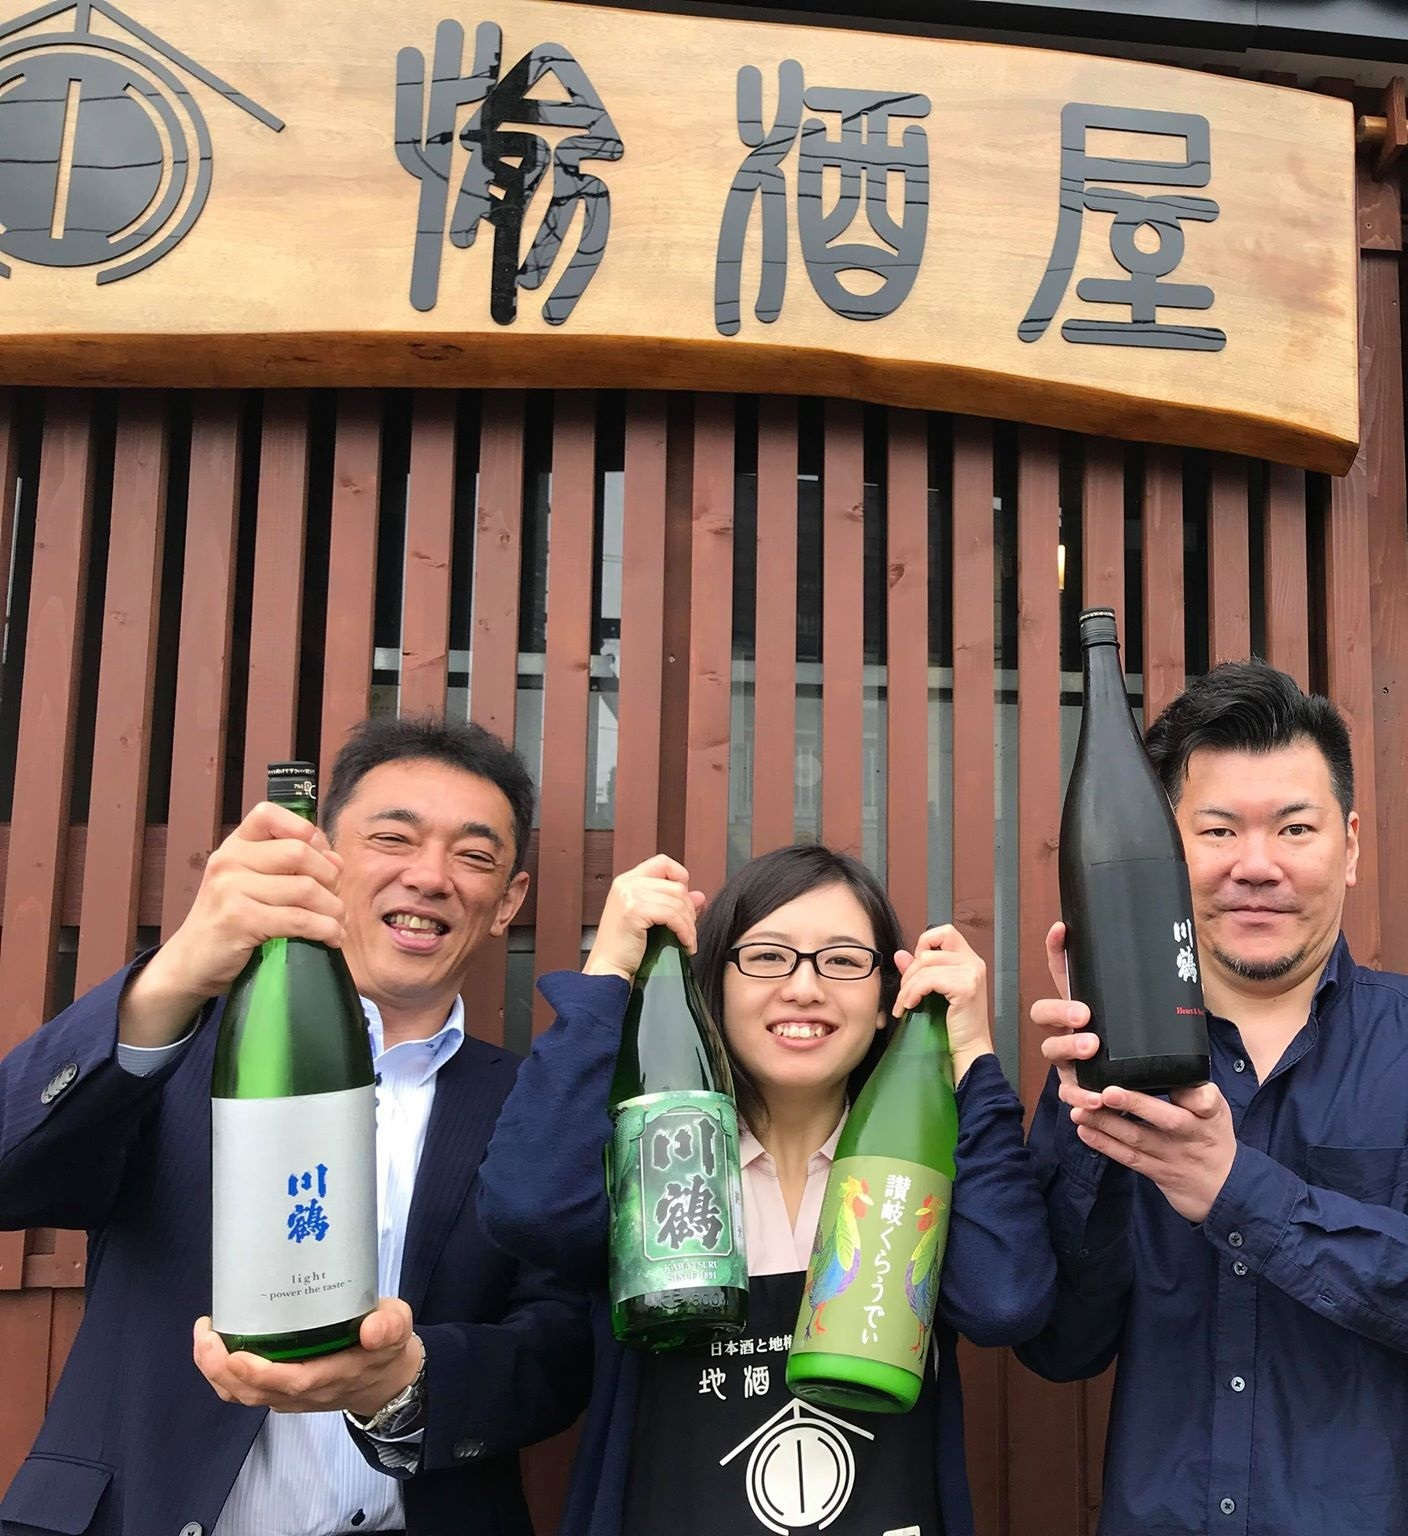 【日本酒】川鶴⭐特別編『Olive(オリーブ)』さぬきオリーブ酵母✨仕込み 純米吟醸 オオセト55磨き 特別限定蔵出し 令和1BY🆕_e0173738_10454561.jpg